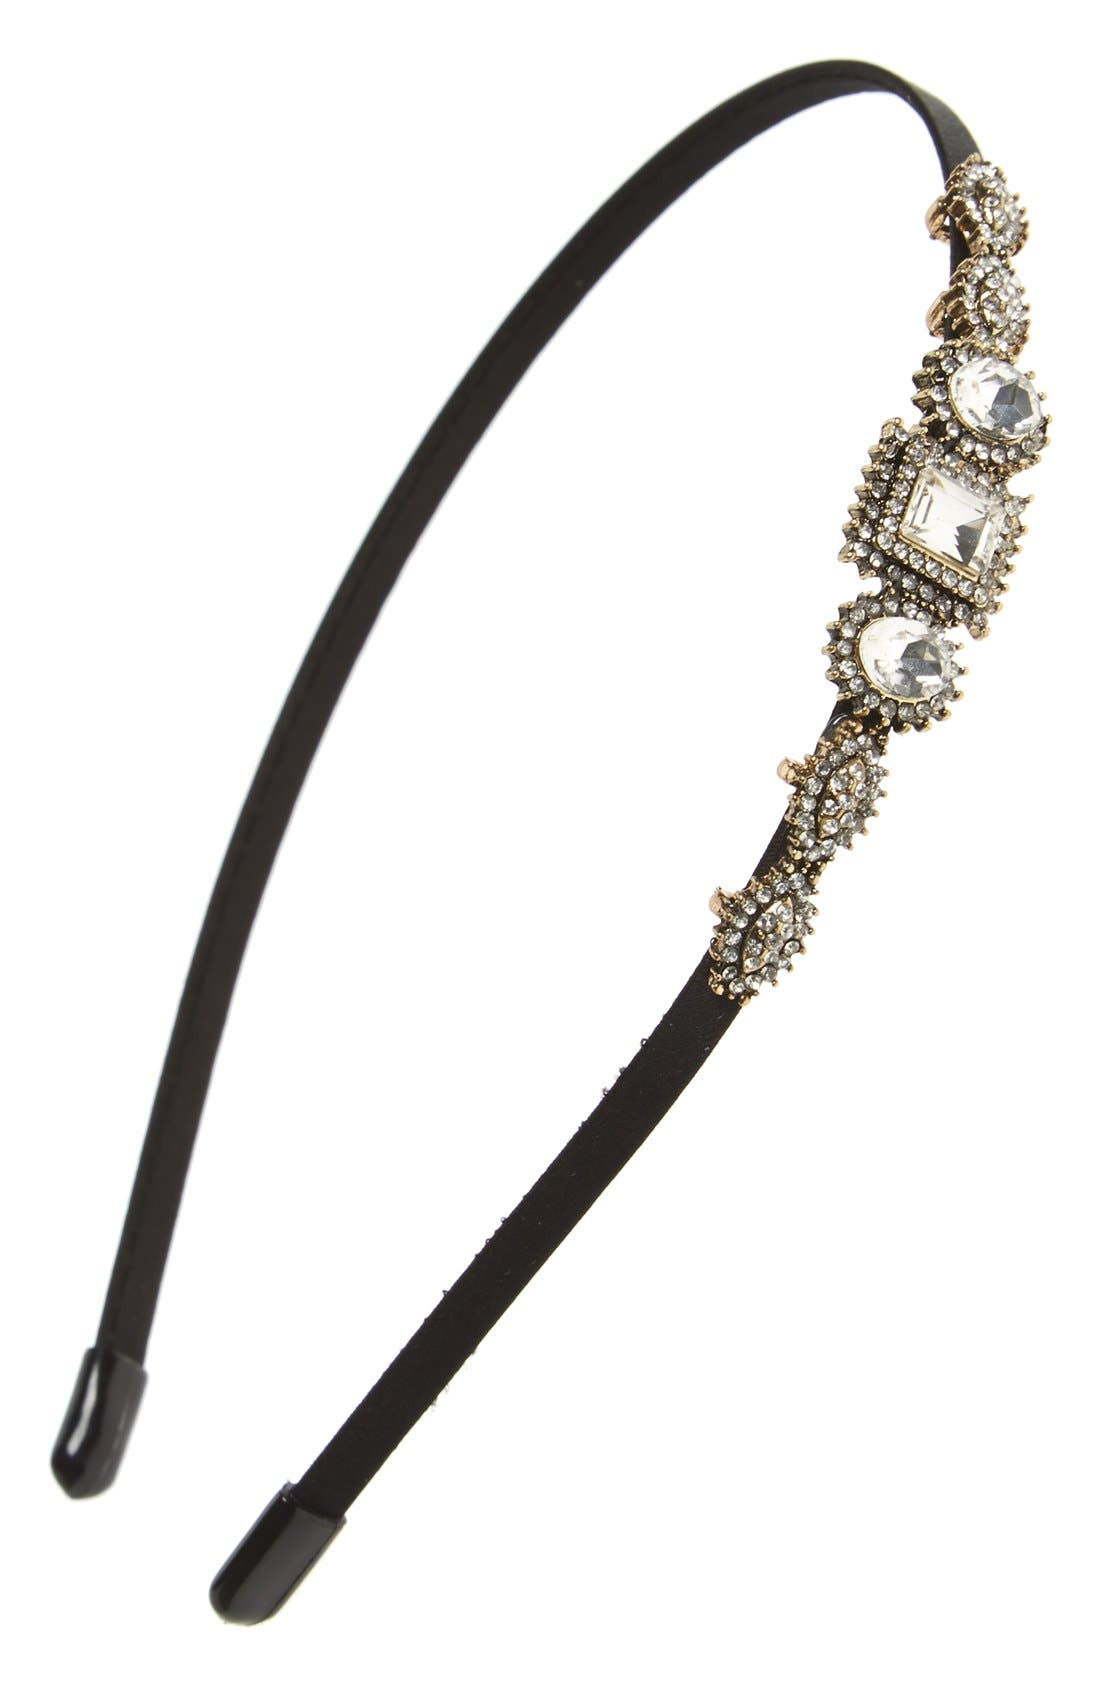 Main Image - Tasha 'Crystal Clear' Headband